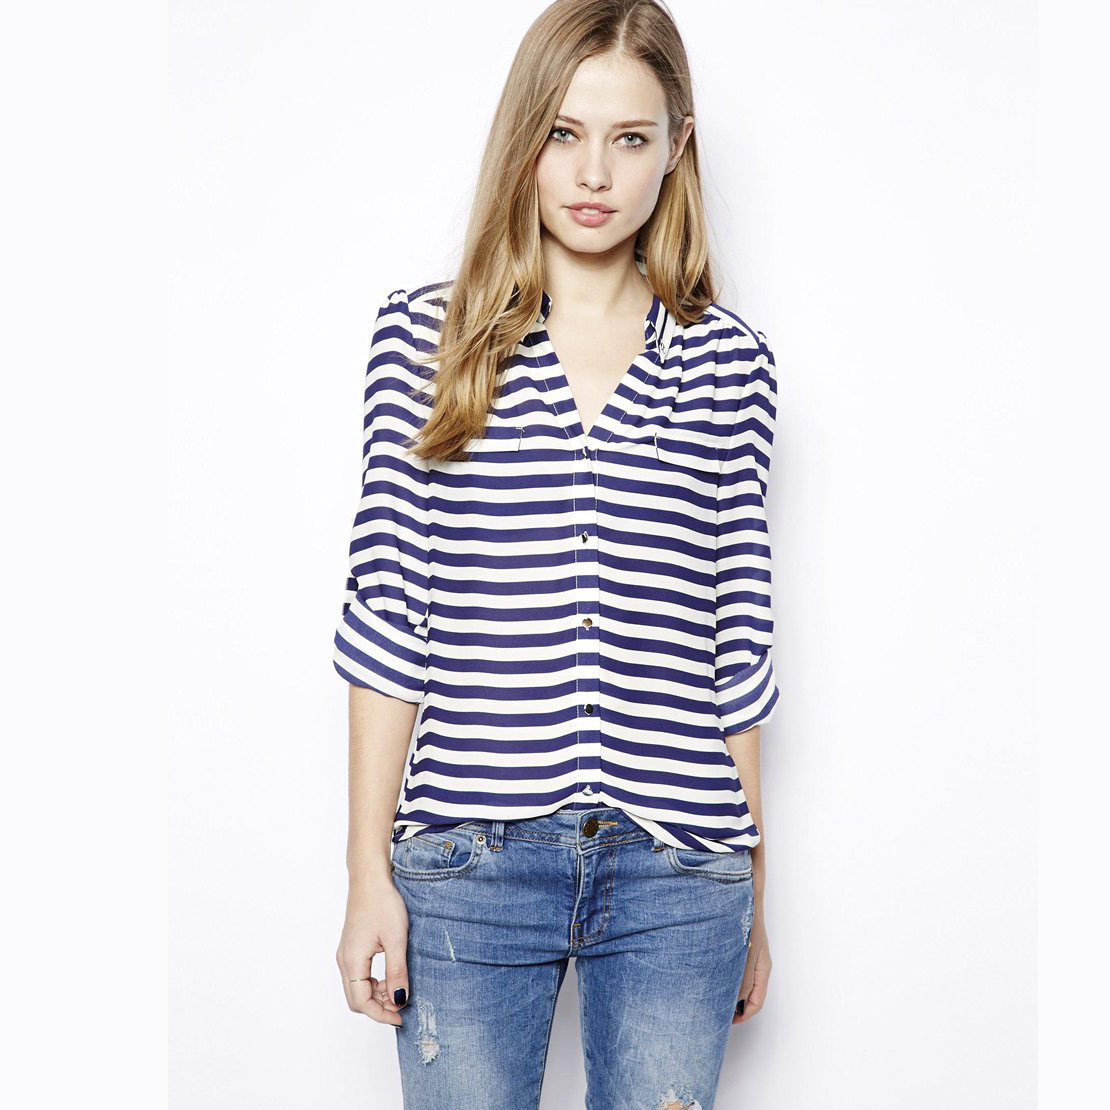 ab667732baa Сине-белая женская рубашка в горизонтальную полоску с джинсами ...